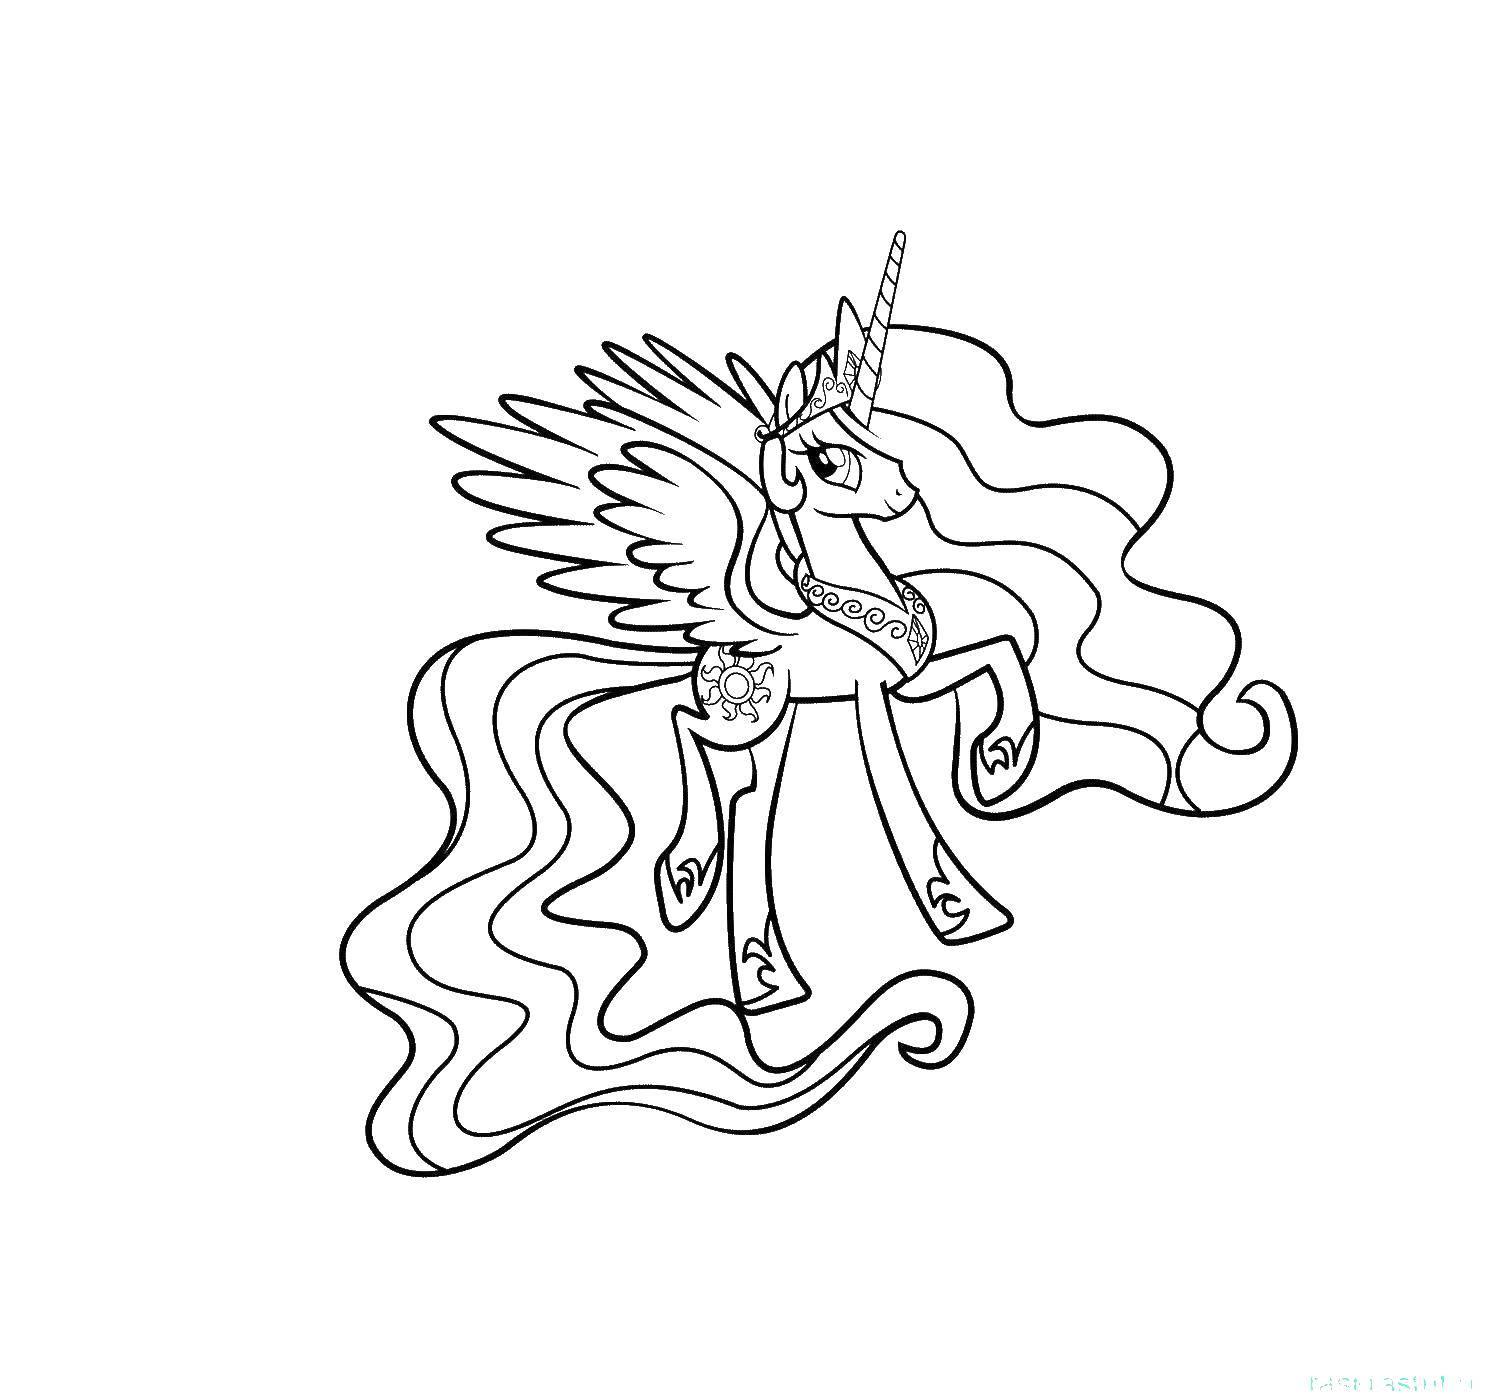 Раскраска Принцесса селестия Скачать принцесса селестия.  Распечатать ,мой маленький пони,